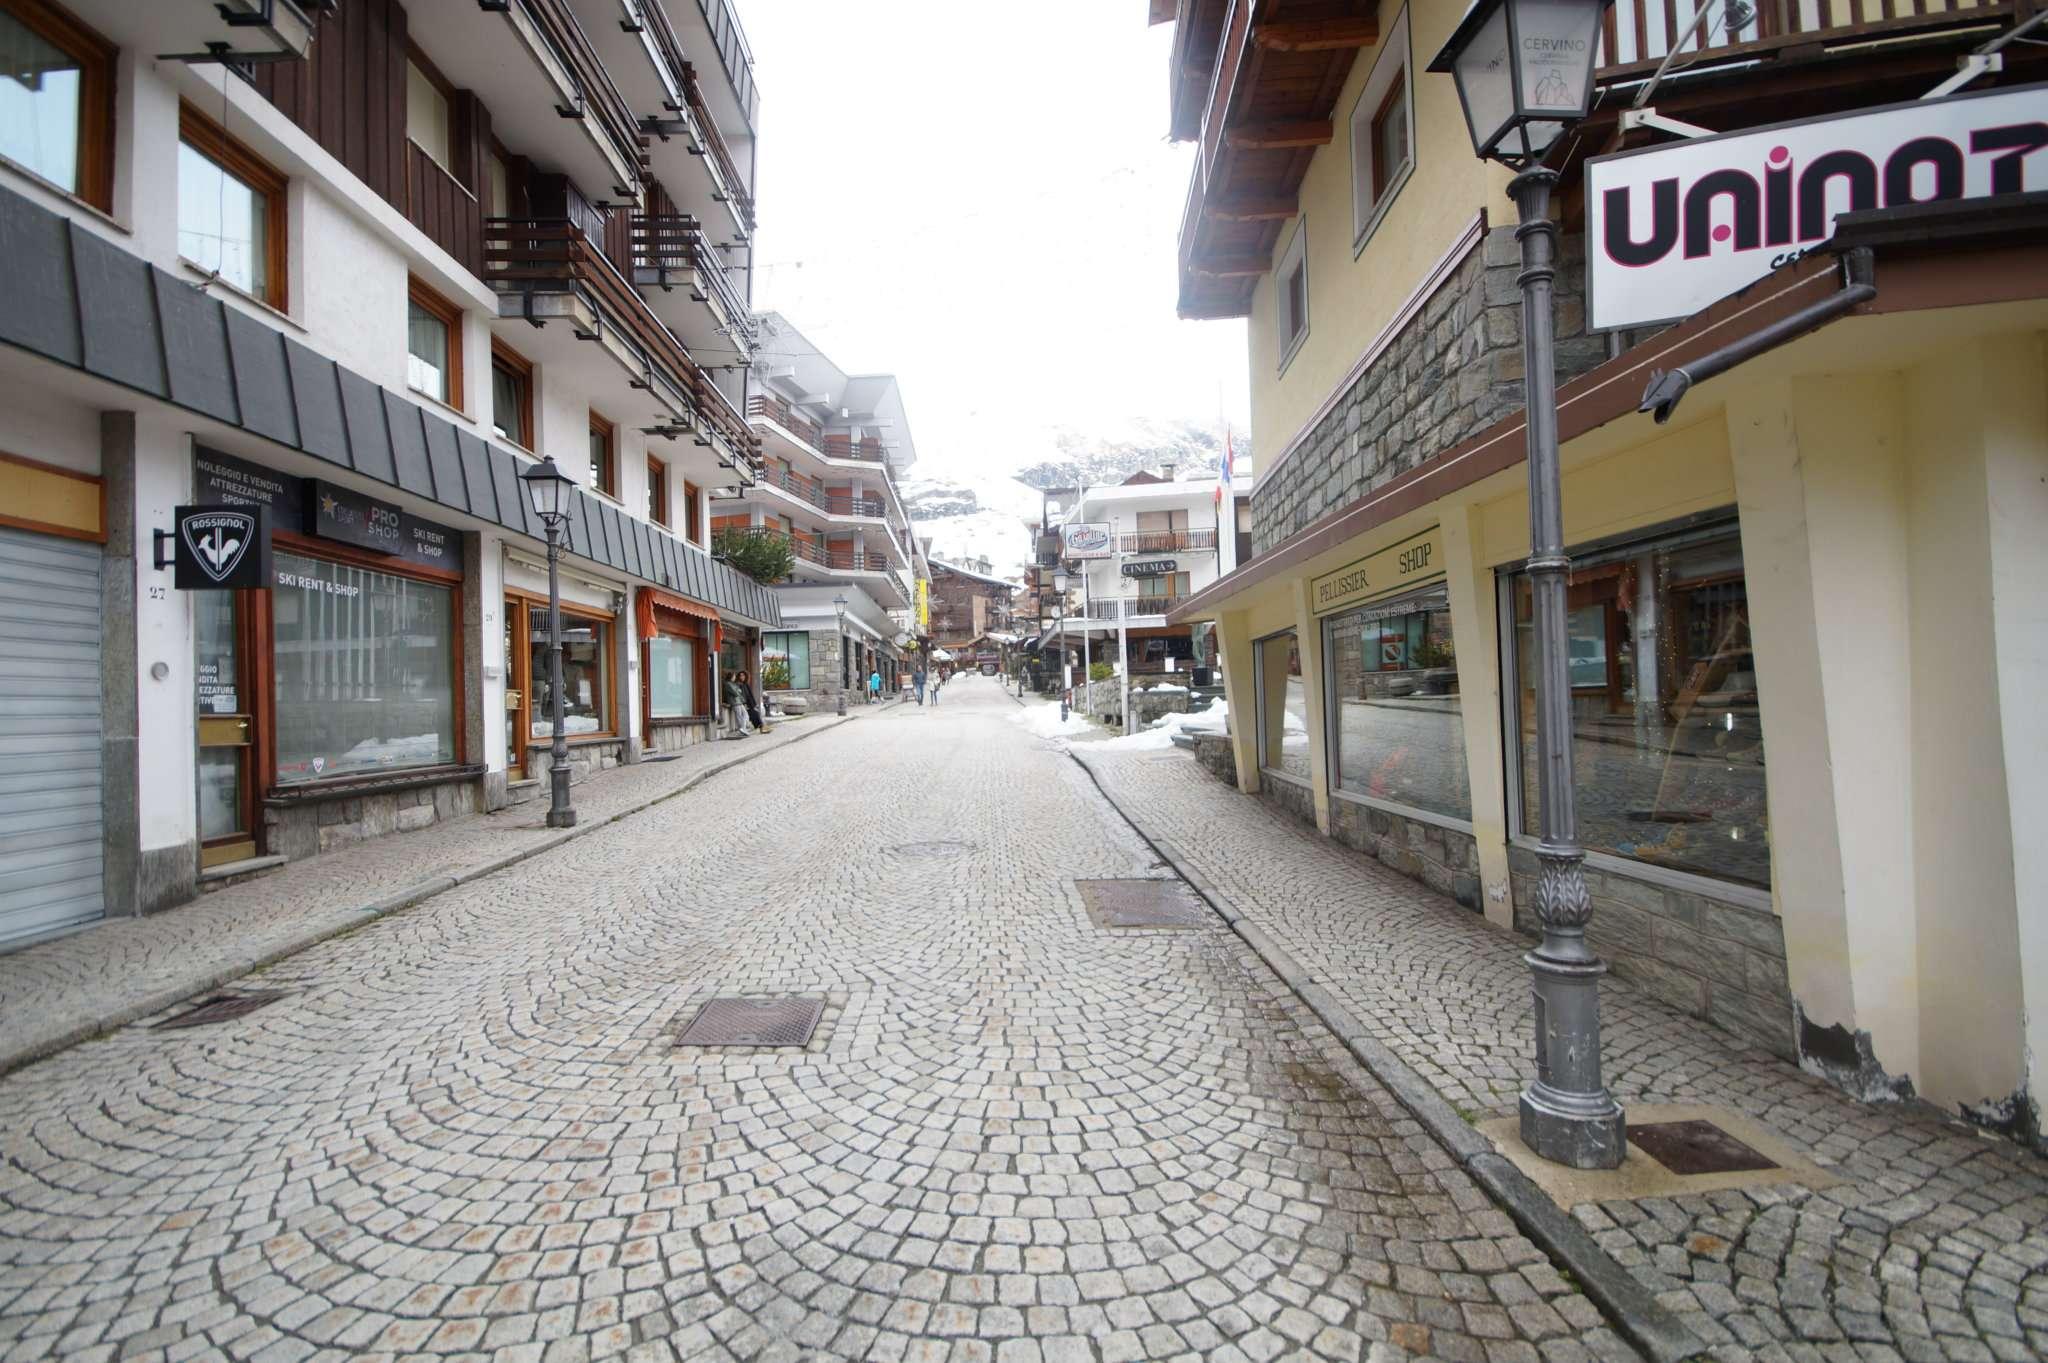 Attività / Licenza in vendita a Valtournenche, 8 locali, Trattative riservate | CambioCasa.it